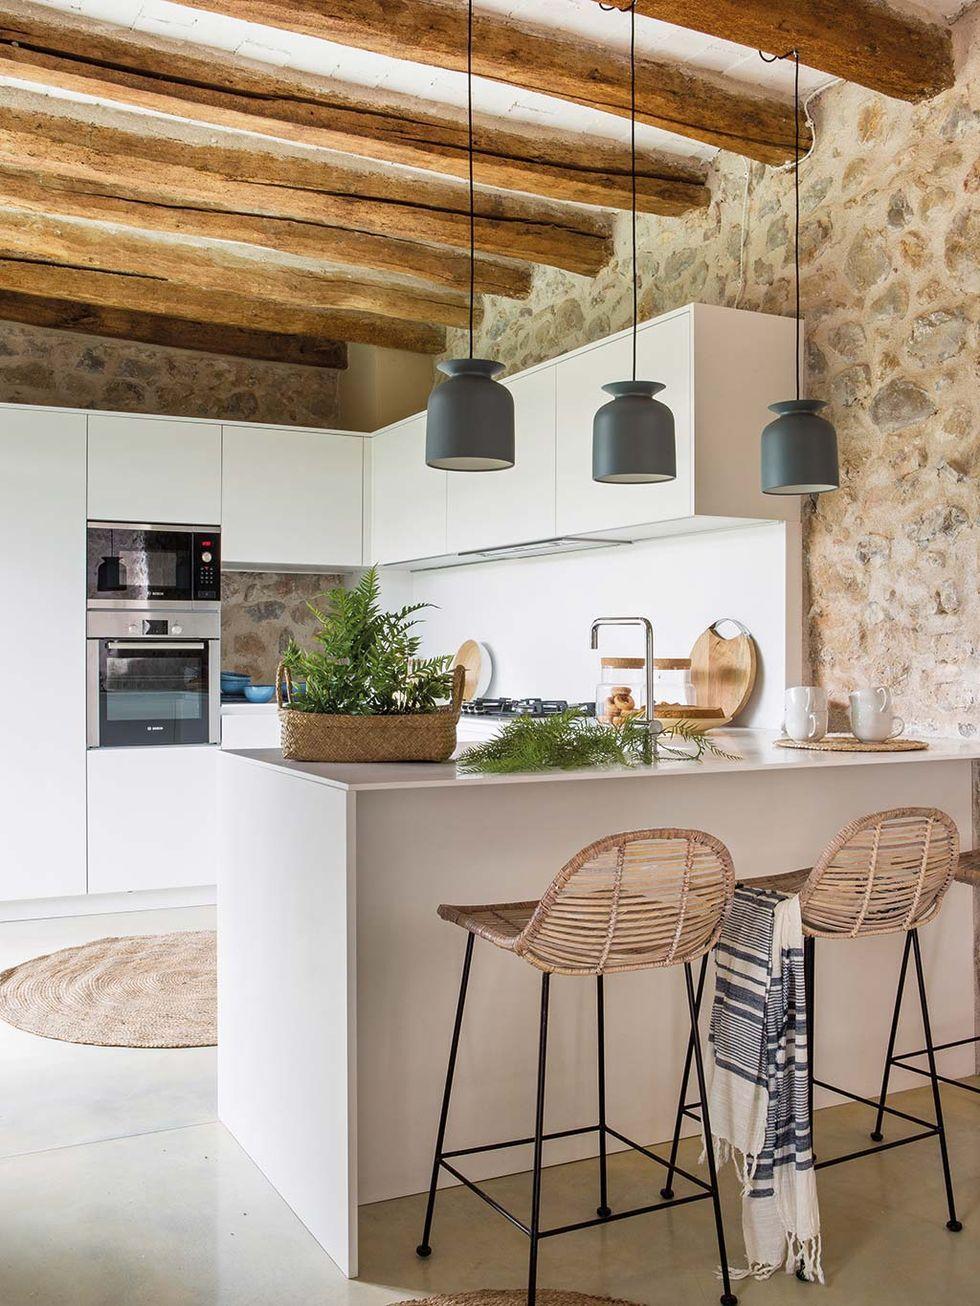 Photo of La rénovation d'une maison catalane aux murs de pierres et à la décoration contemporaine – PLANETE DECO a homes world